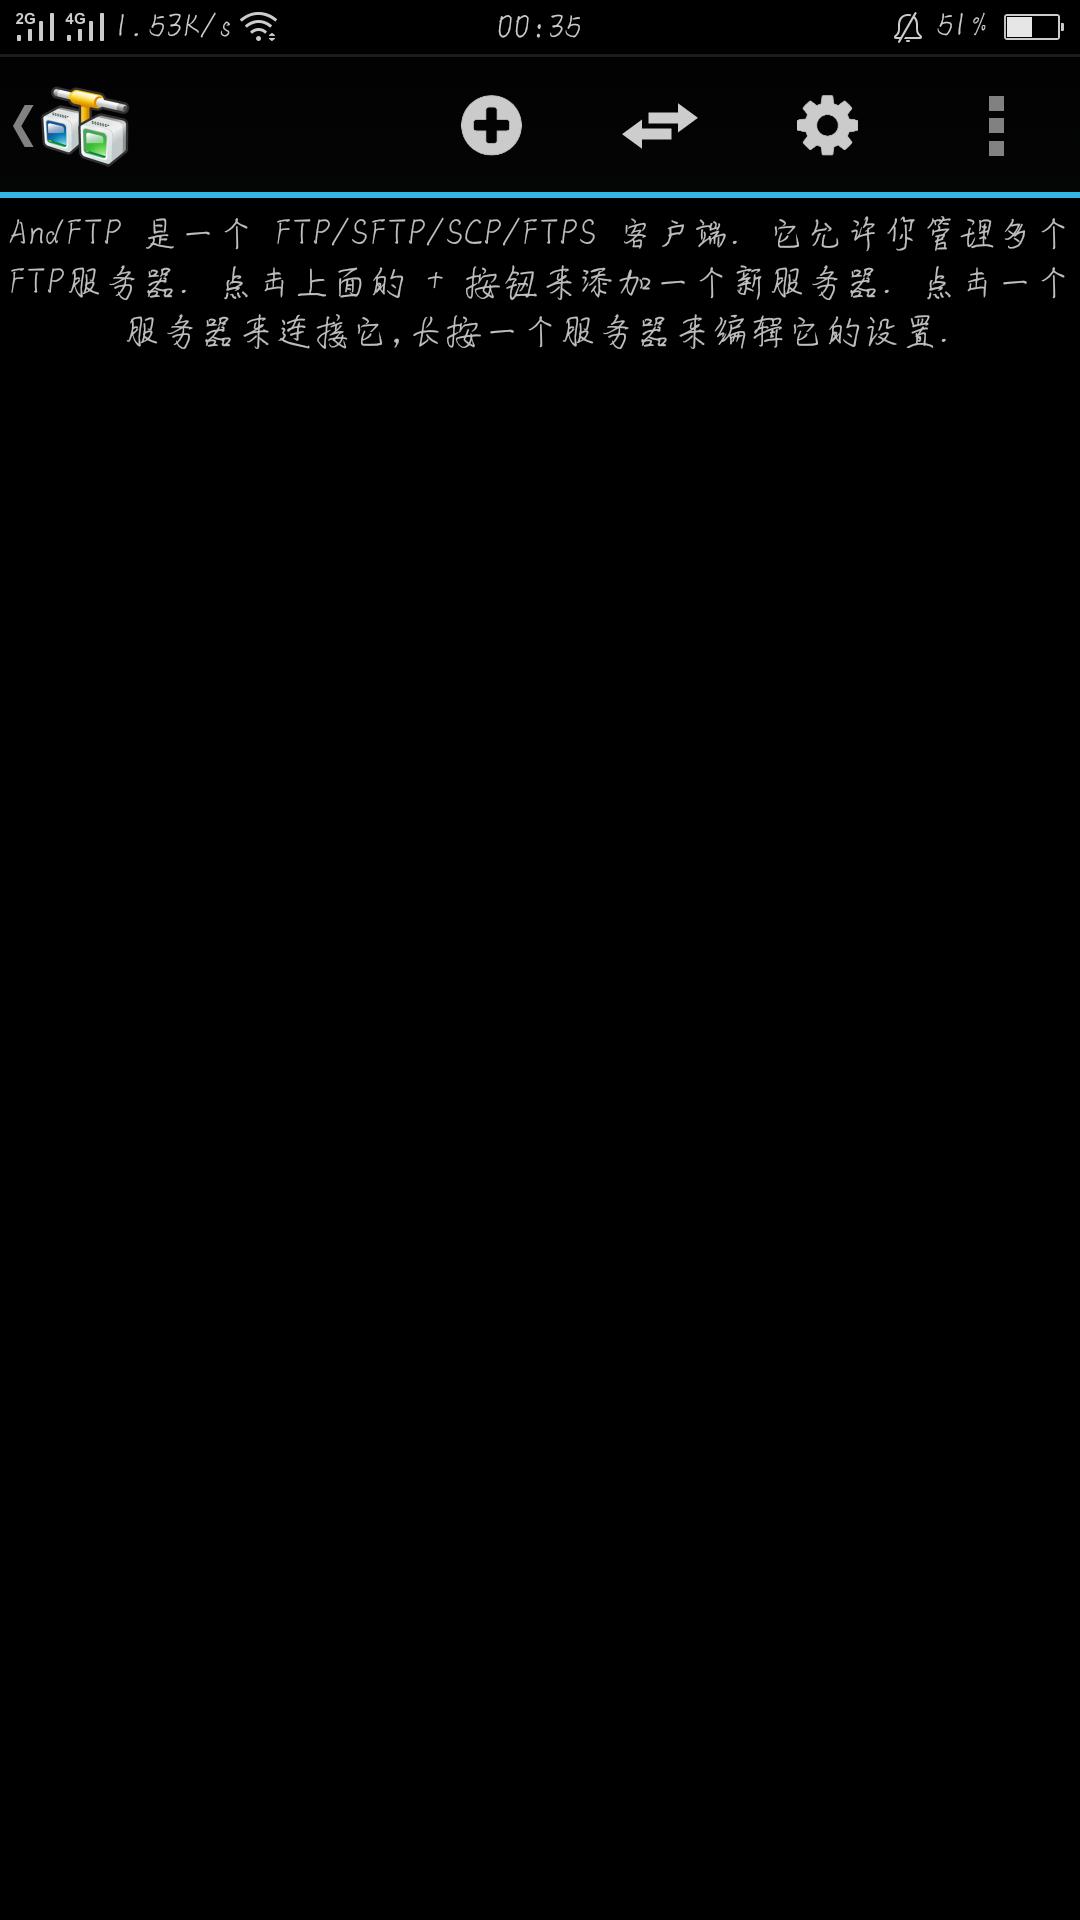 手机版FTP上传工具(中文版)